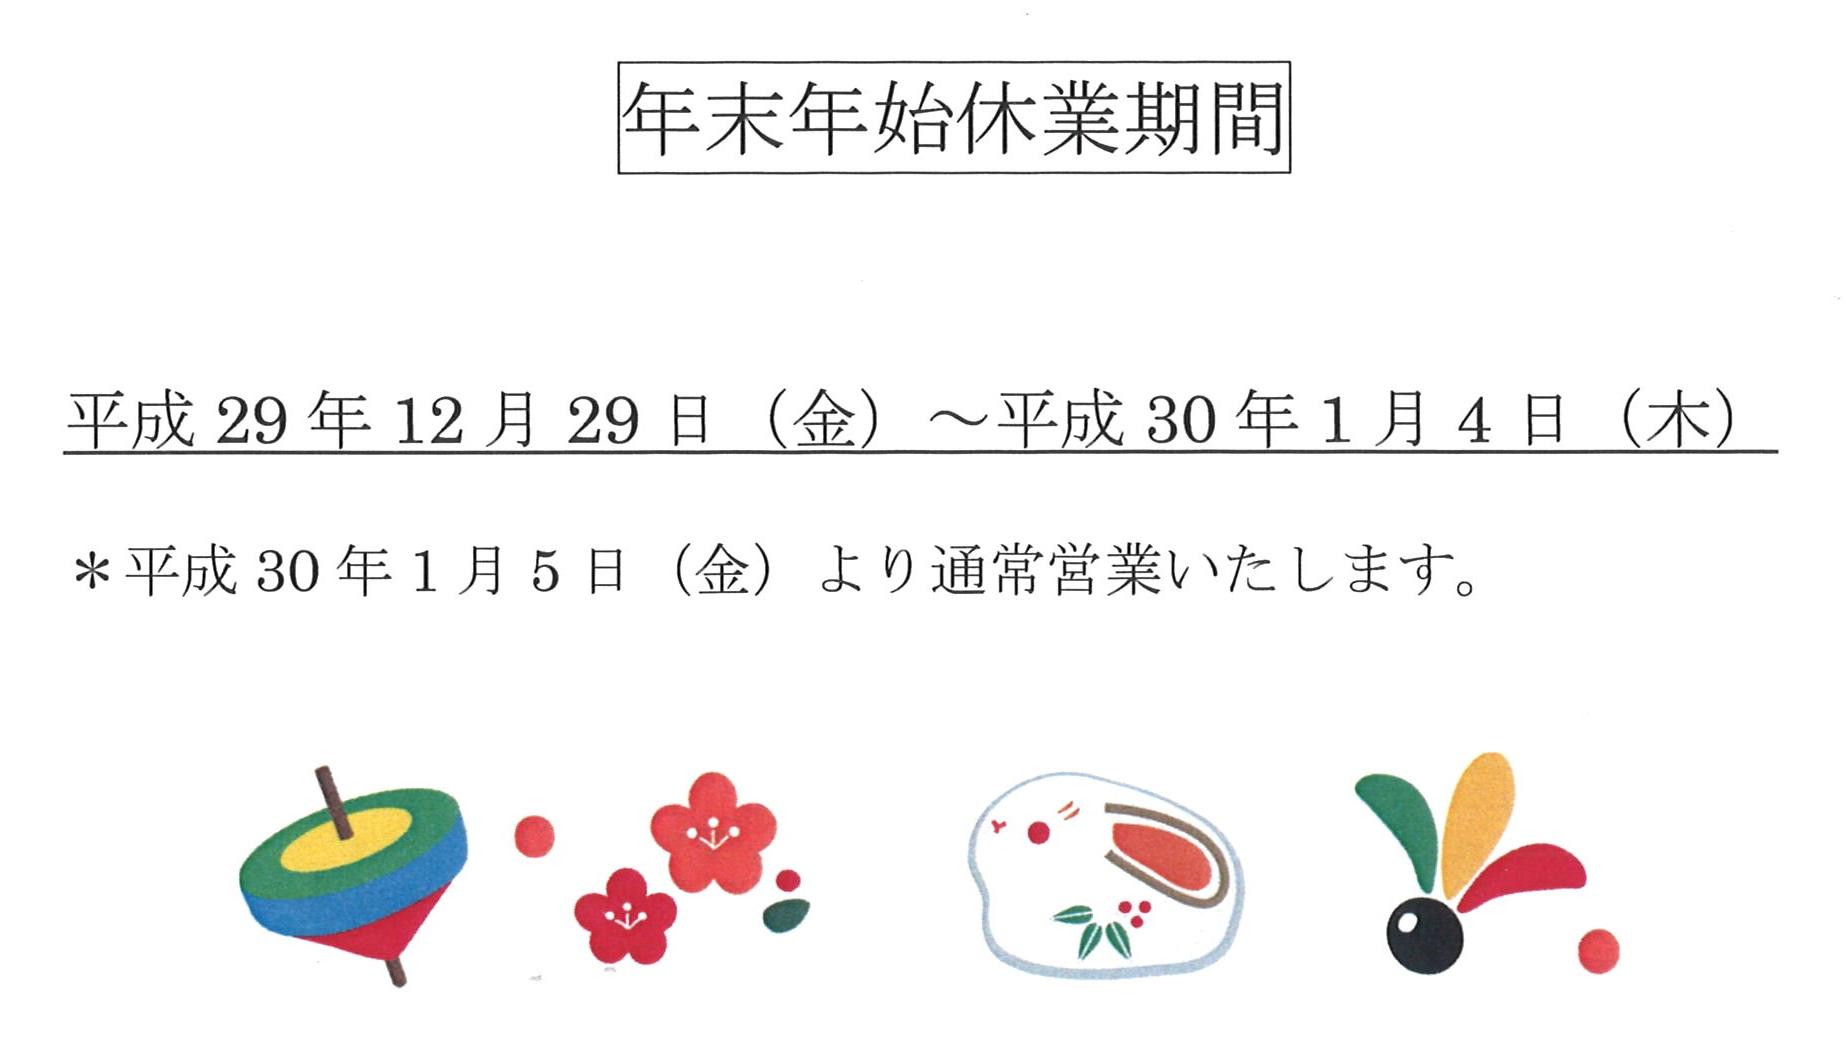 http://design-jyuutaku.com/info/2017/12/24/20171224101650_00001.jpg